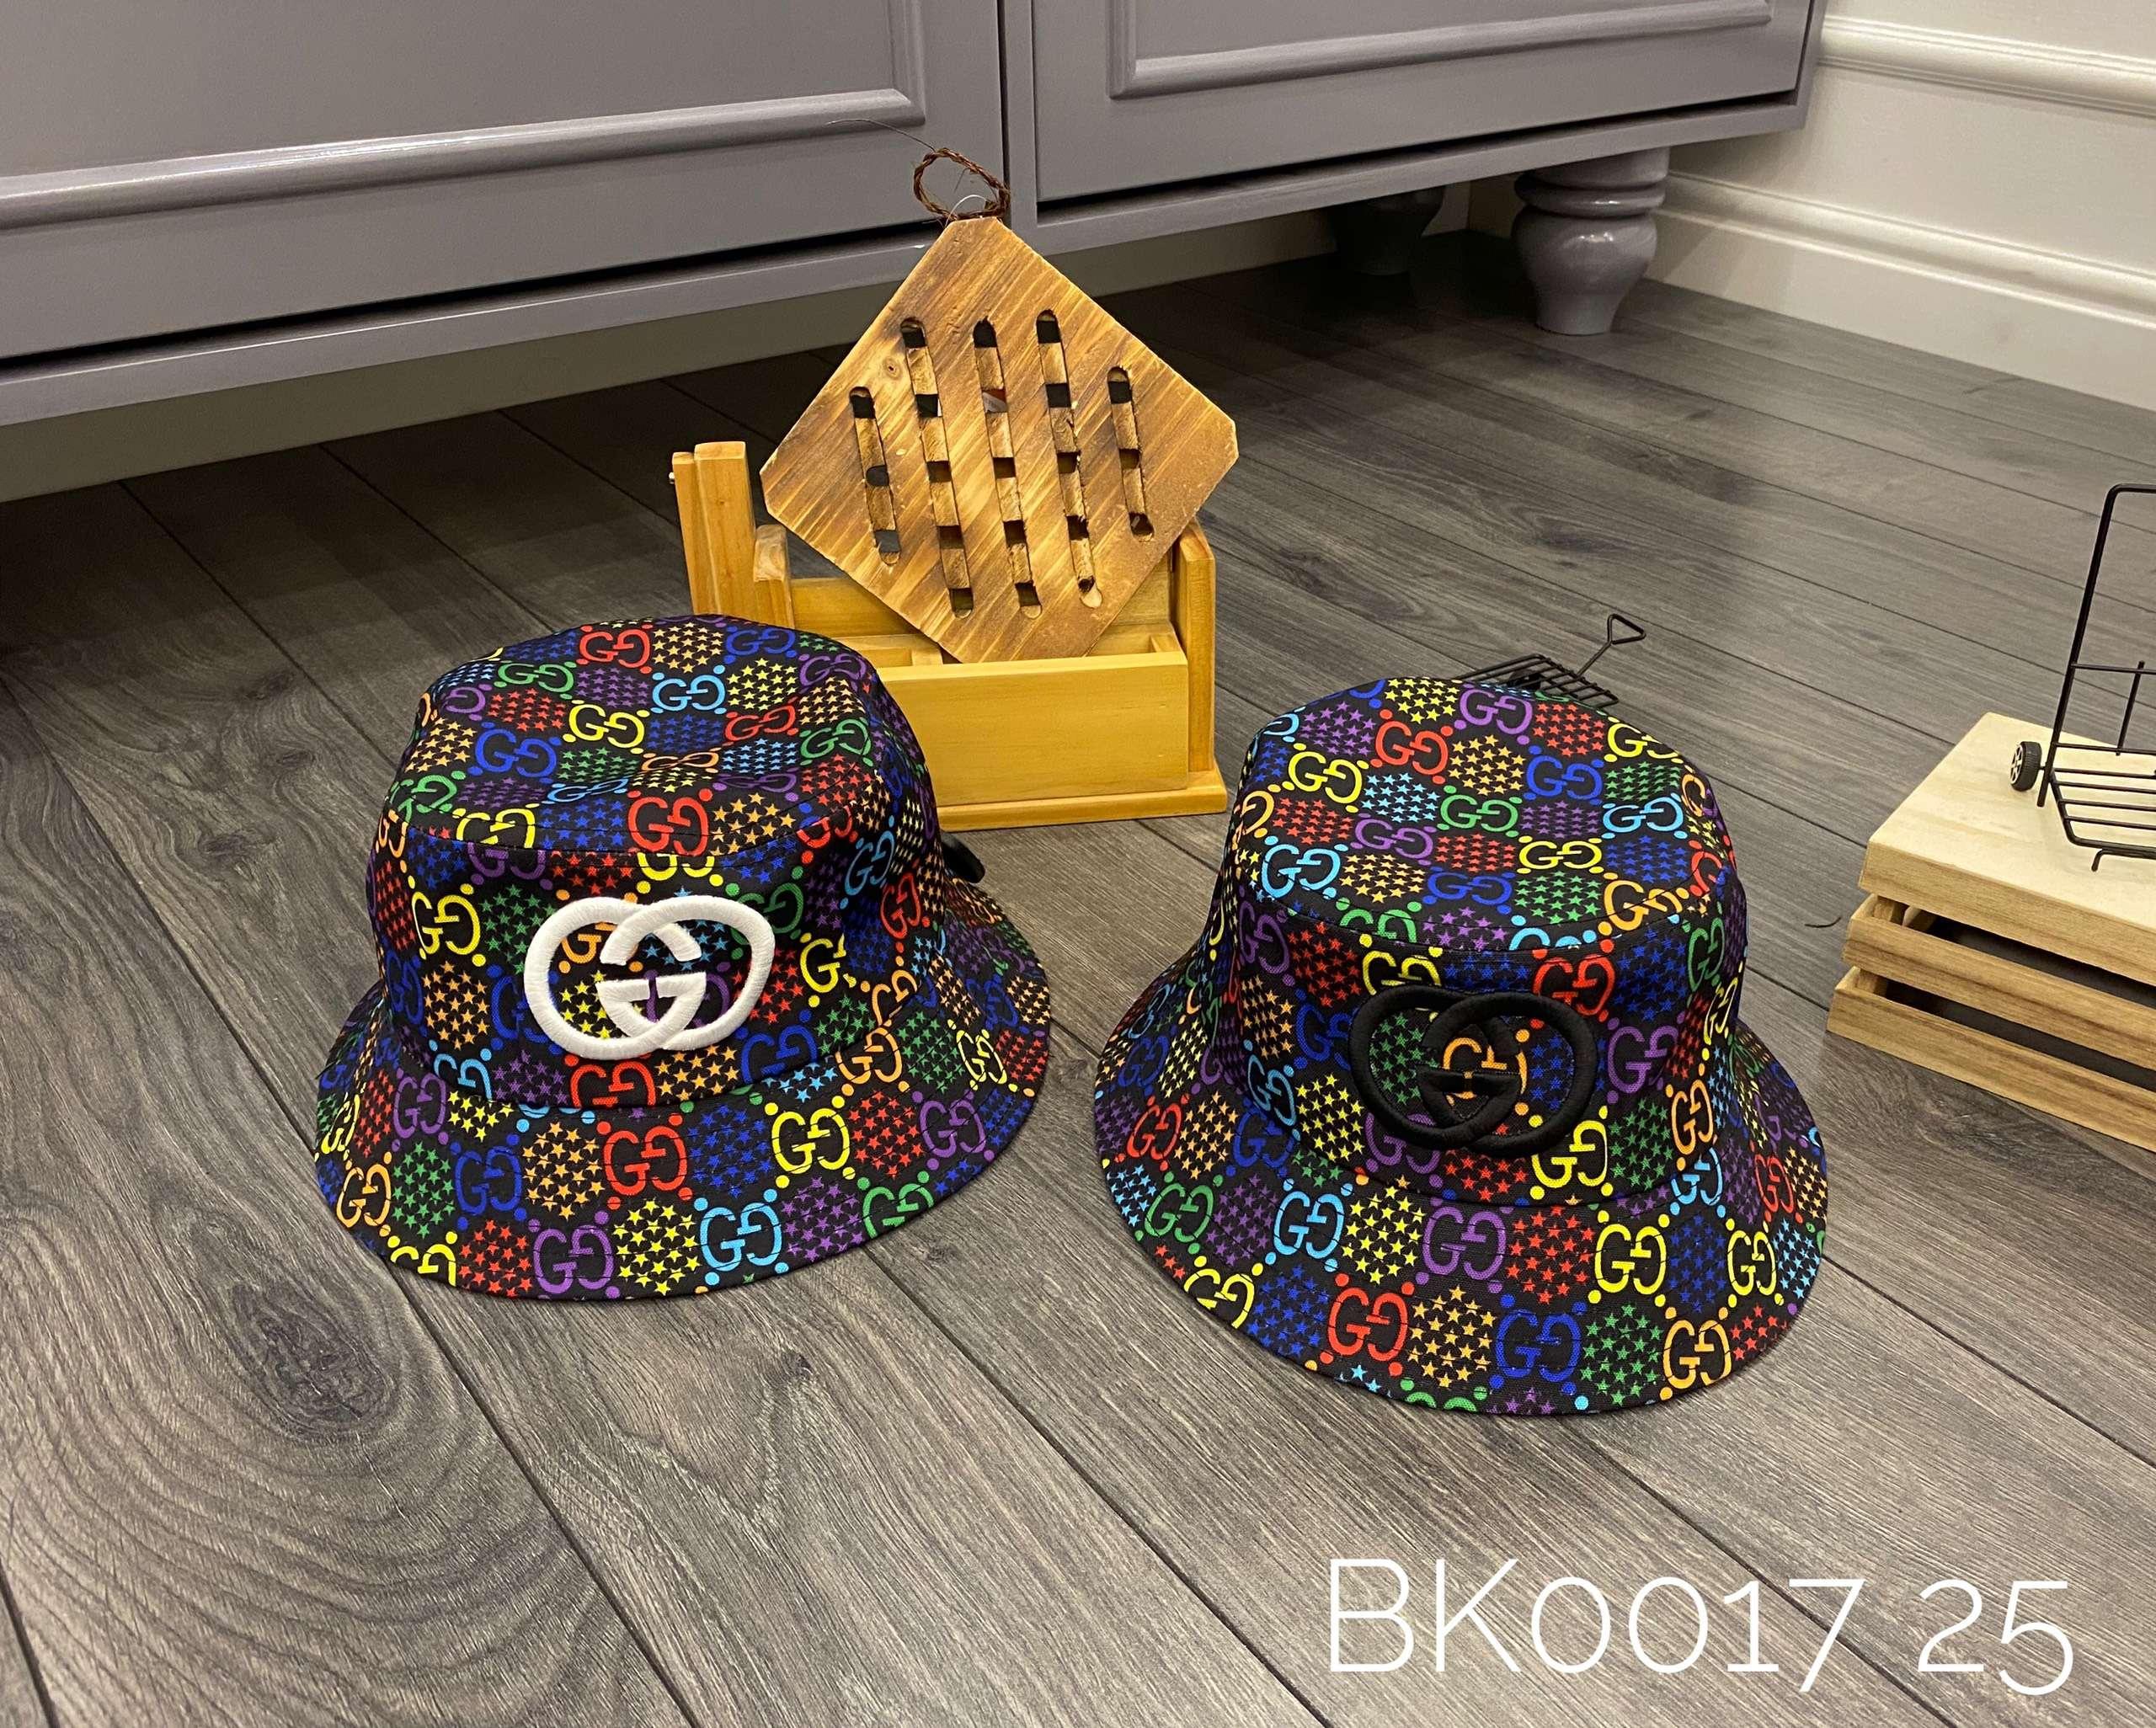 NÓN BK0017